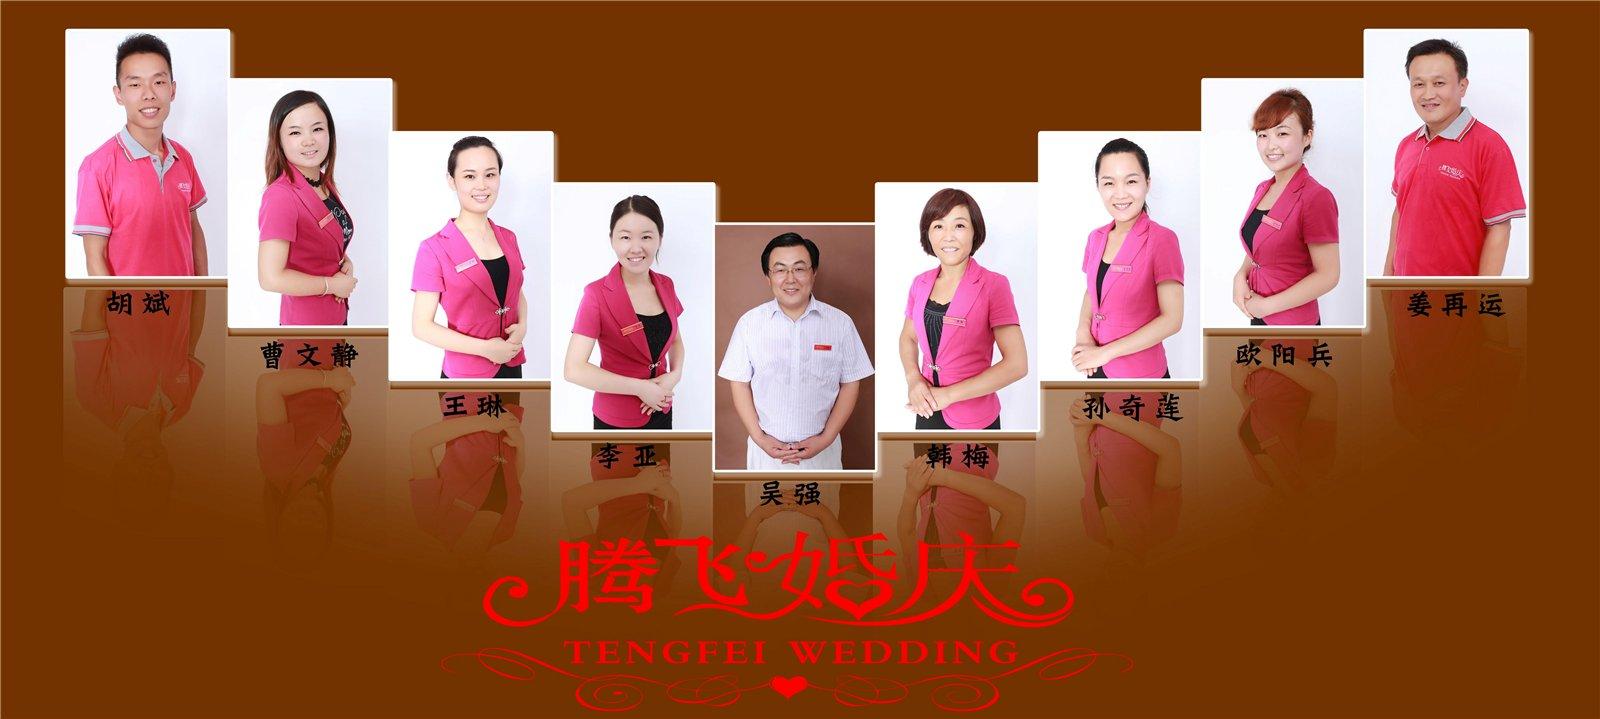 邹城市腾飞婚庆策划团队形象展示